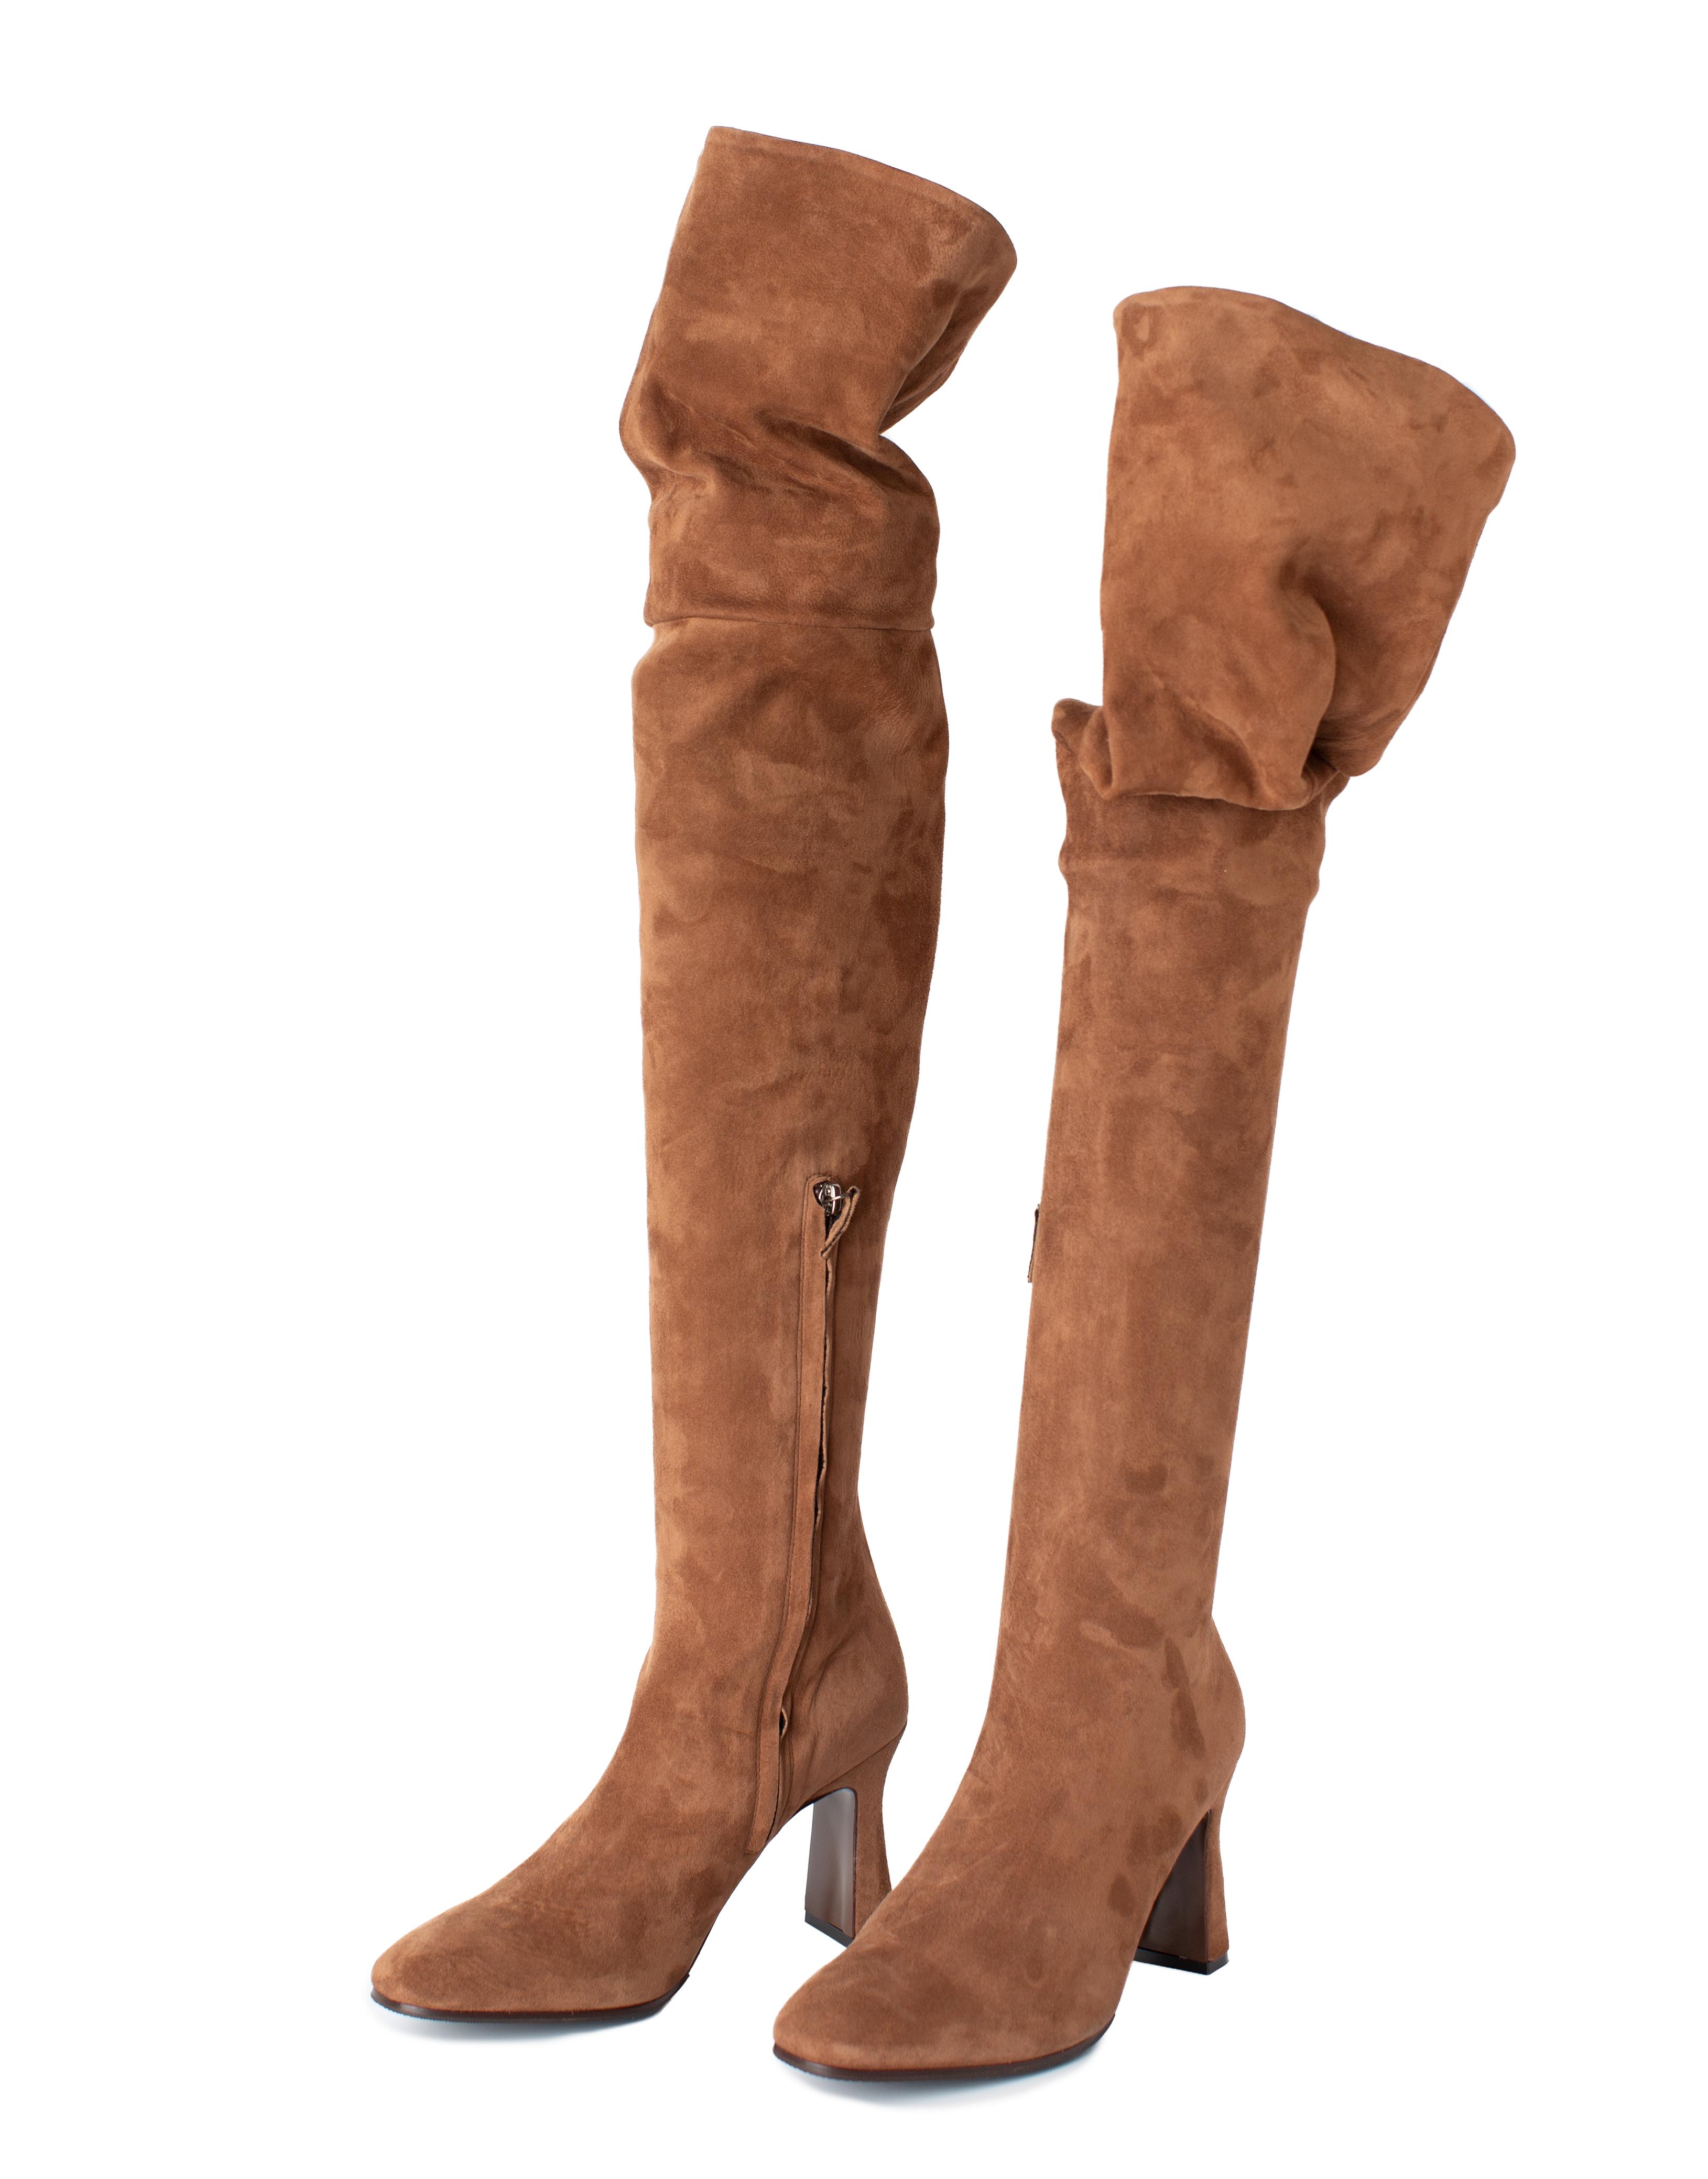 Overknee Boots Suede Leather, beige